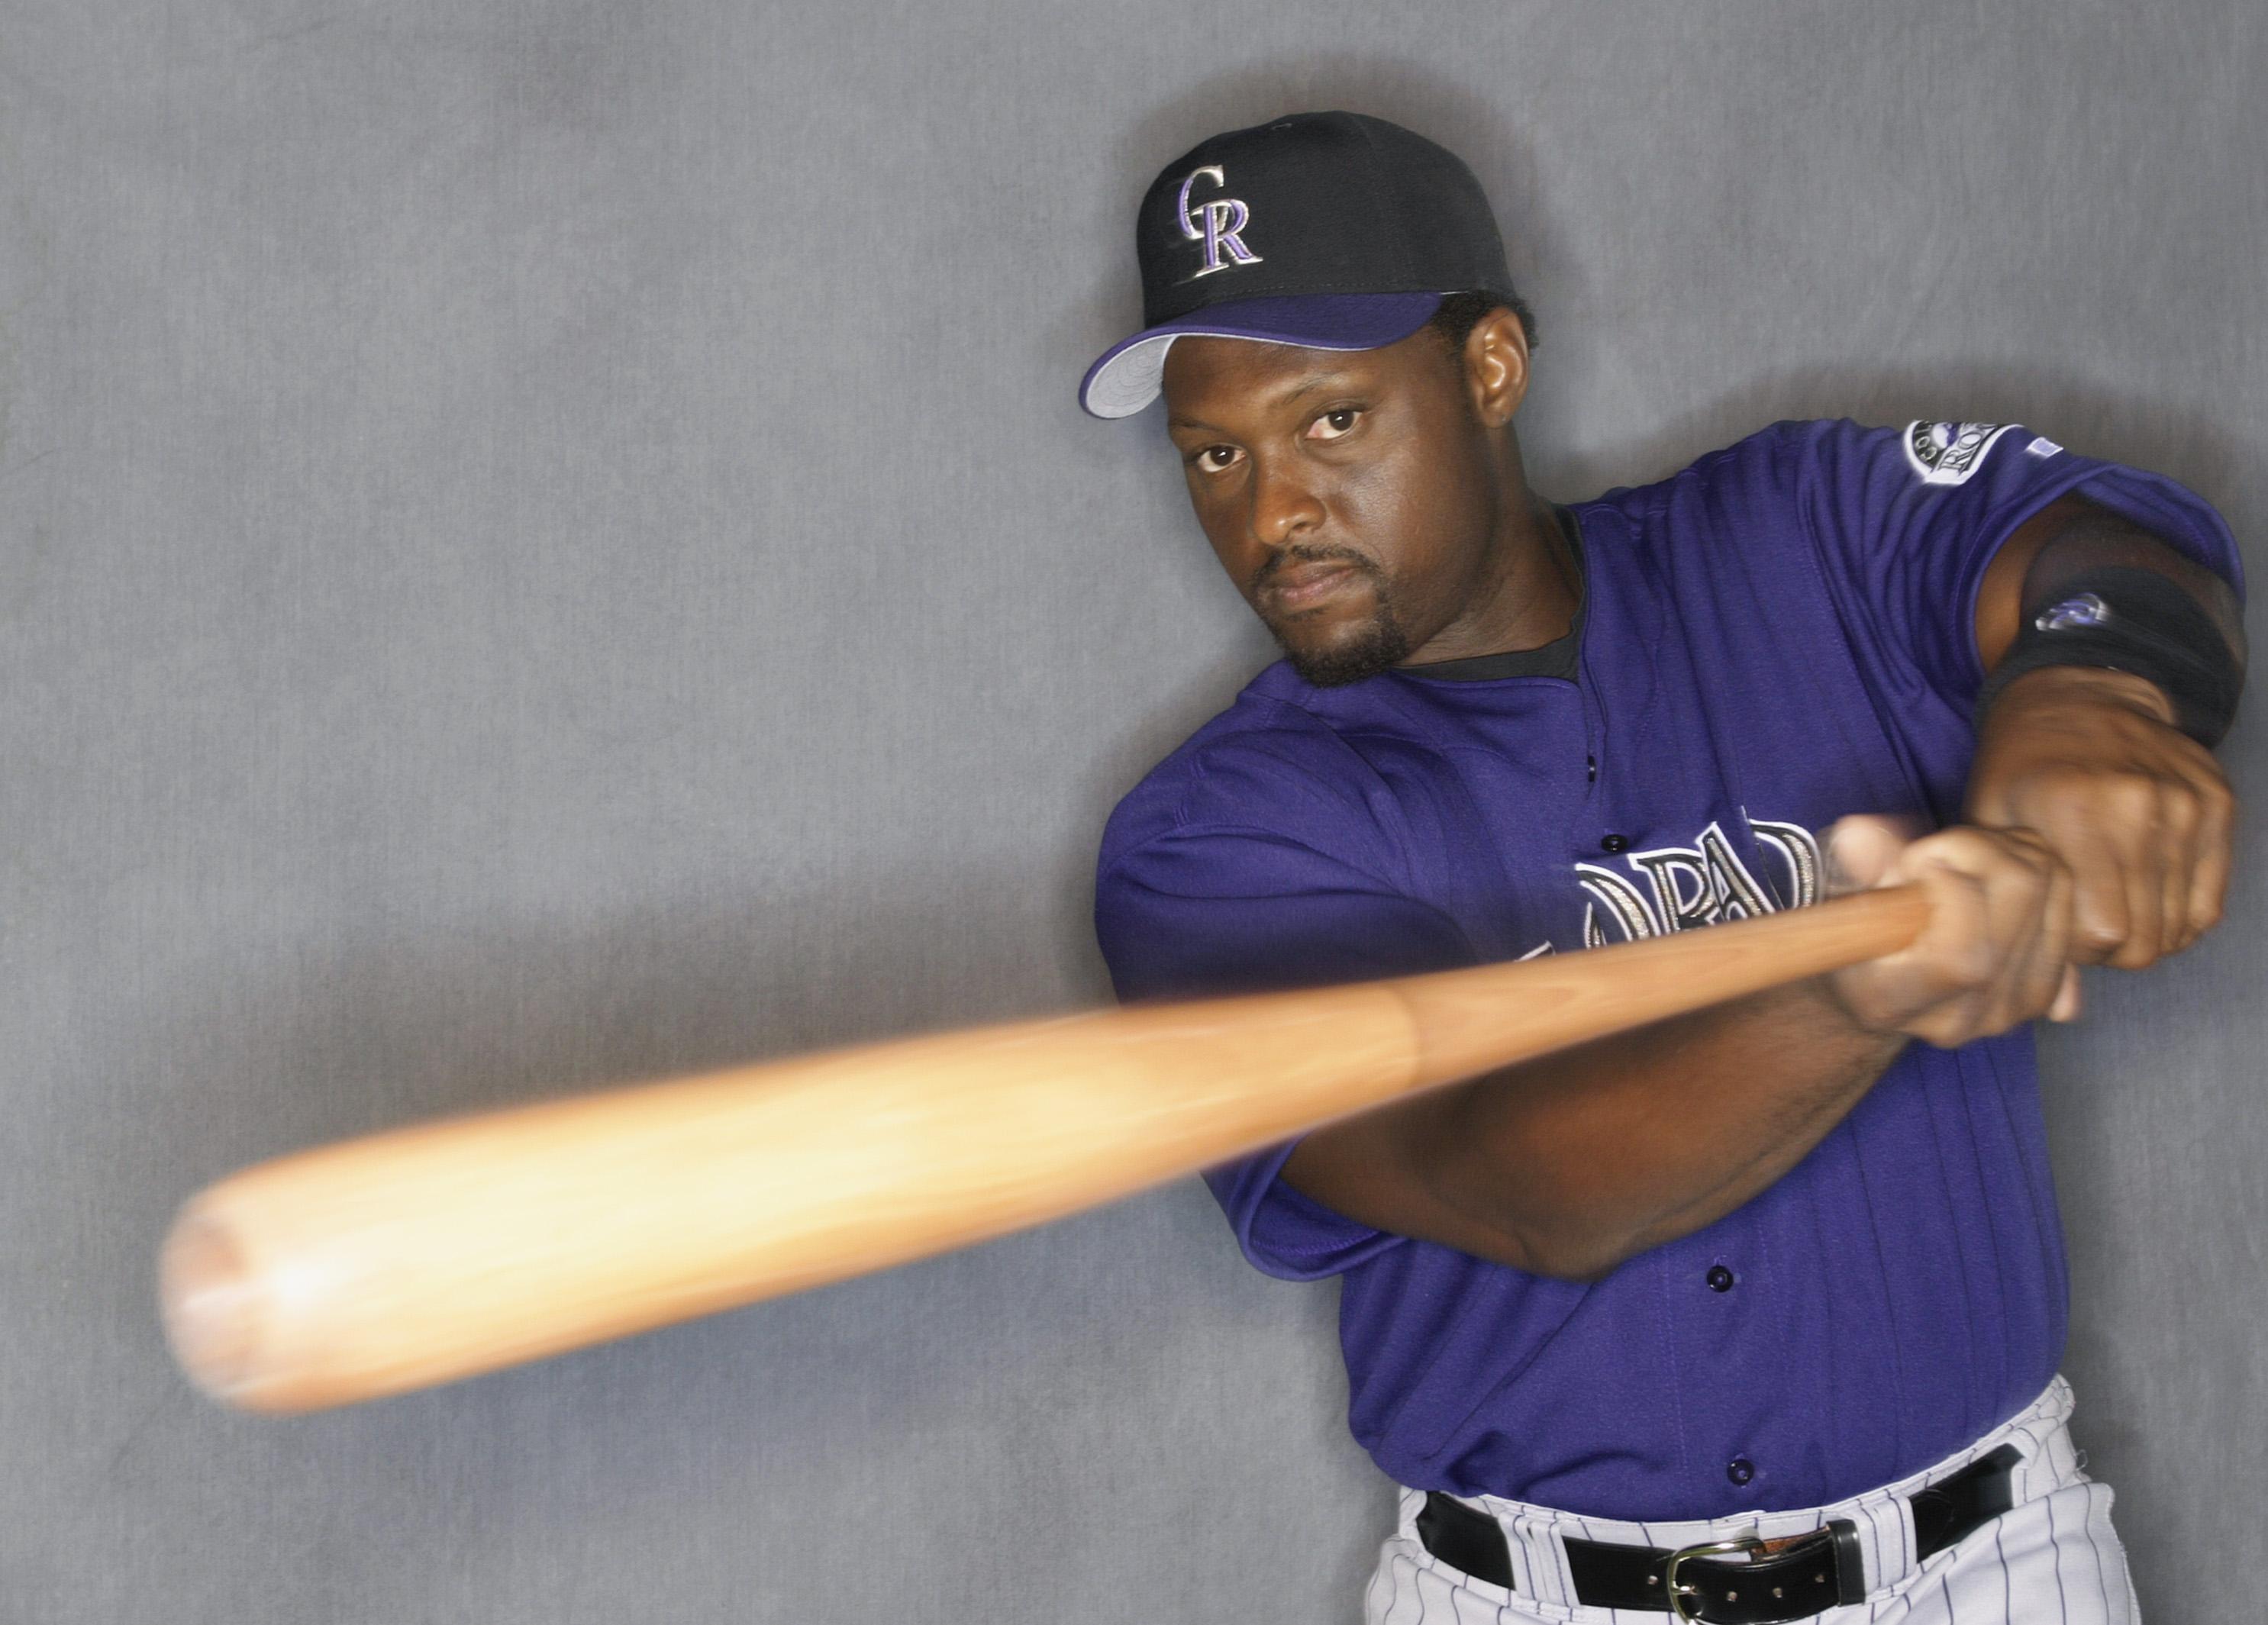 Johnson swings